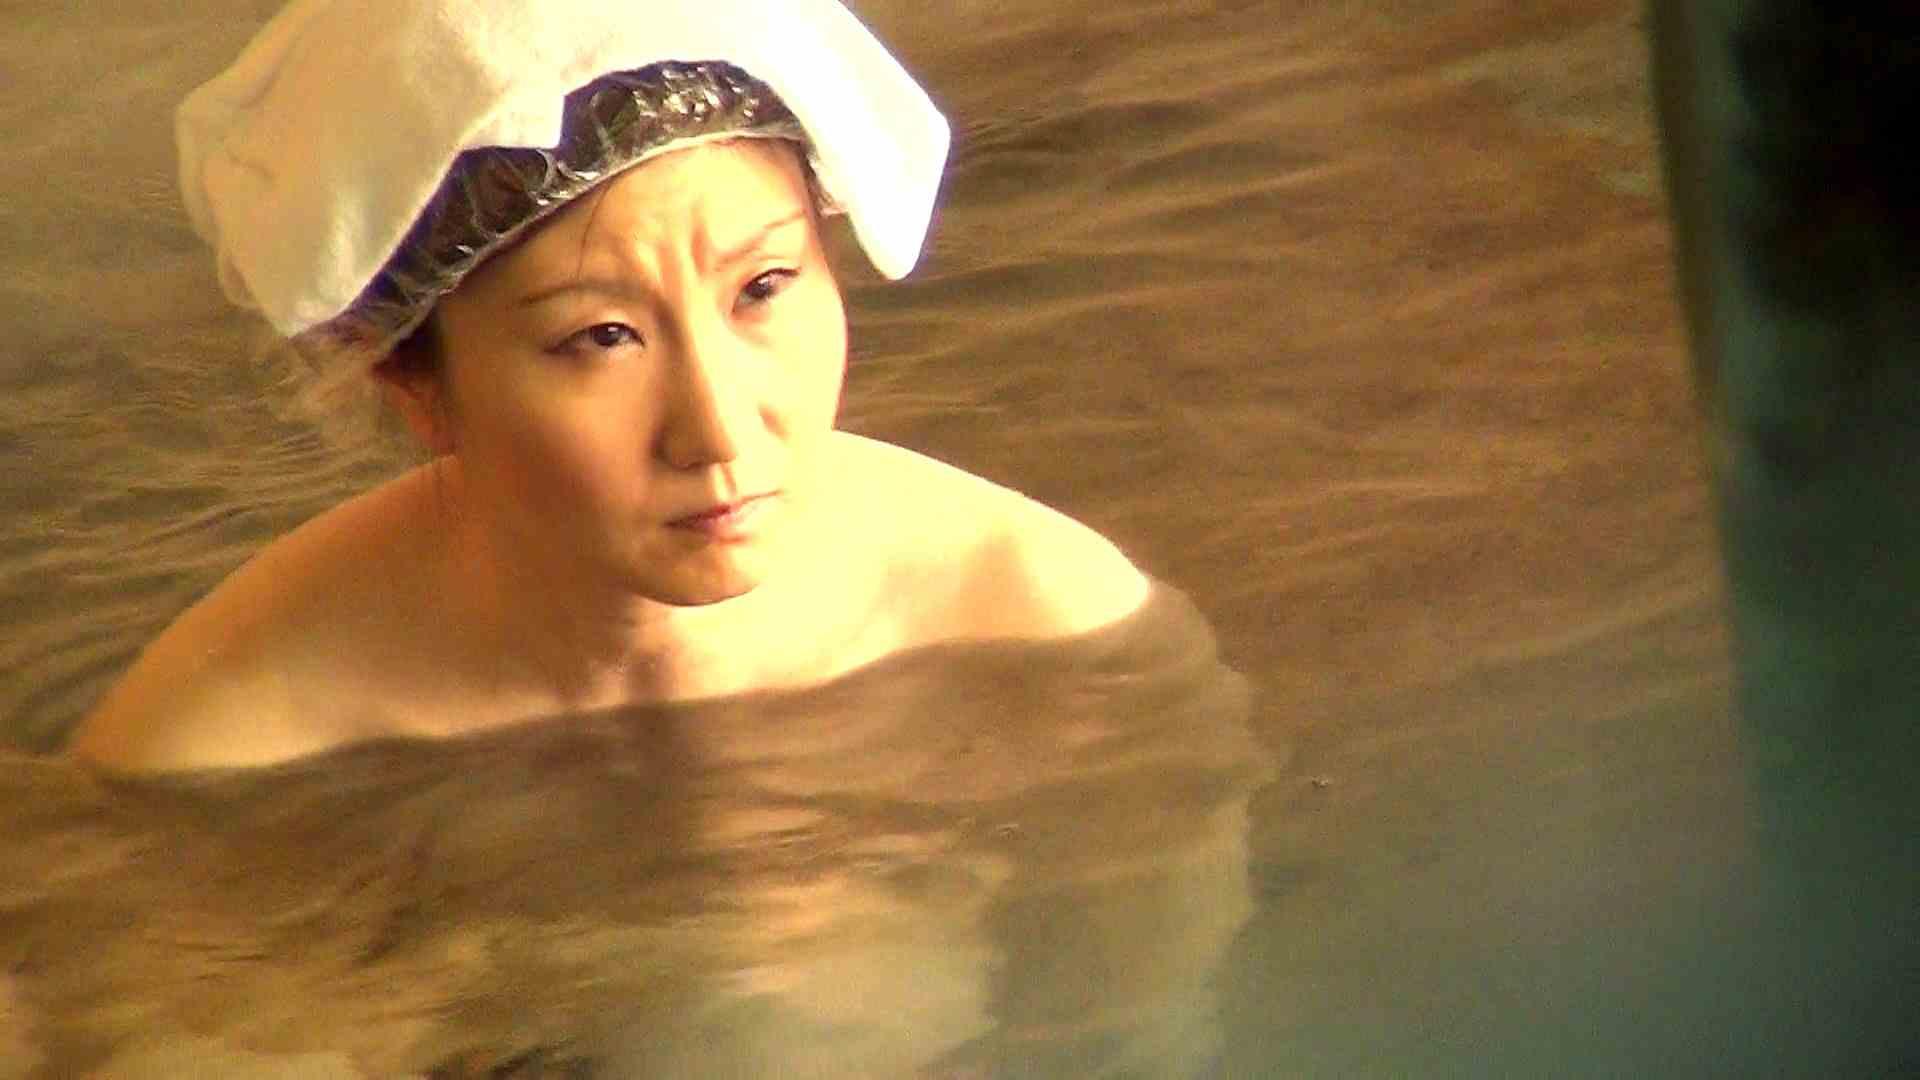 Aquaな露天風呂Vol.278 盗撮 | 露天  100画像 55